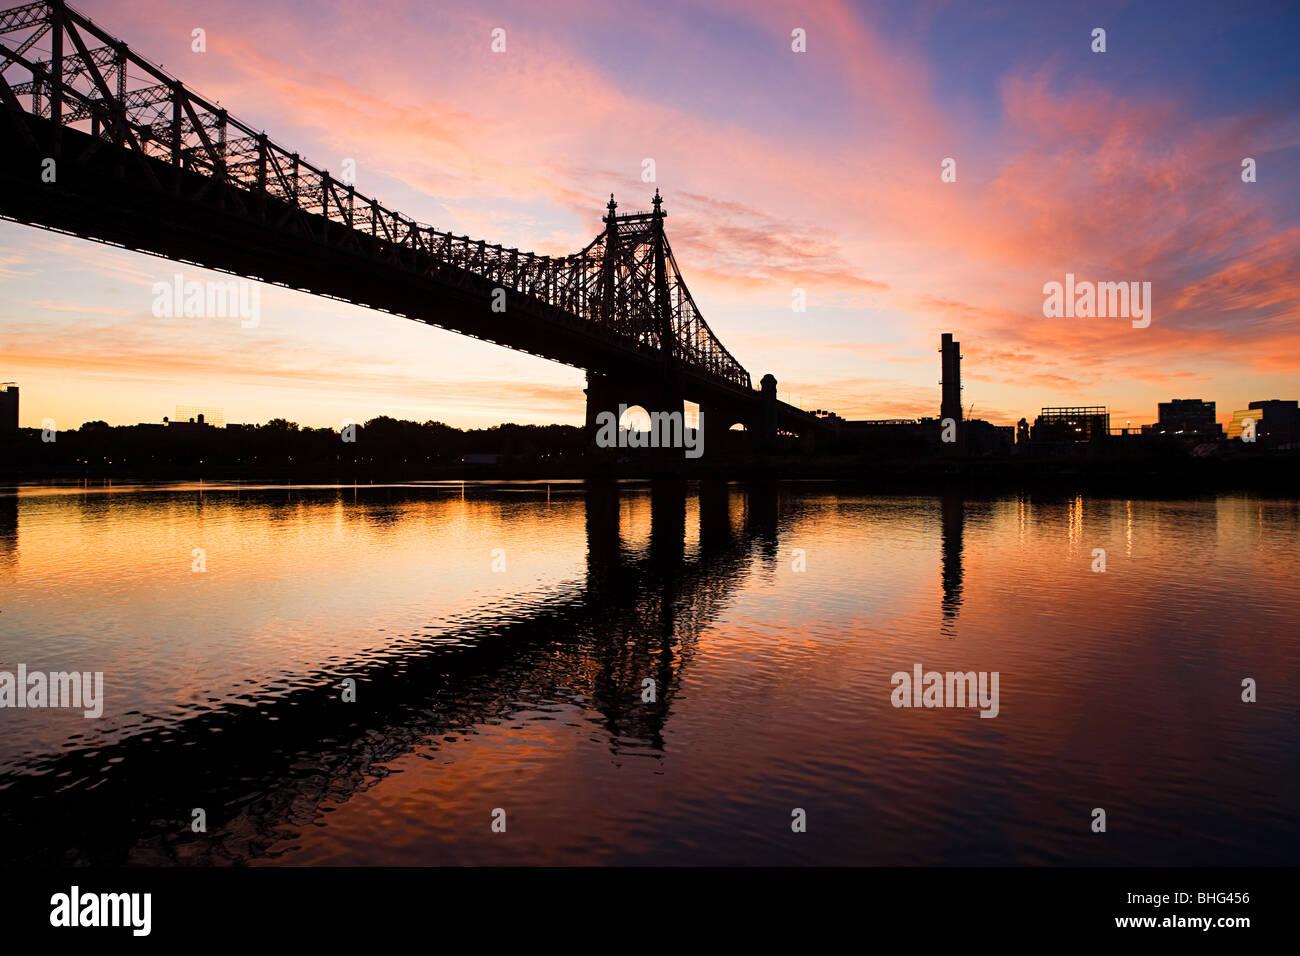 Queensboro bridge new york - Stock Image